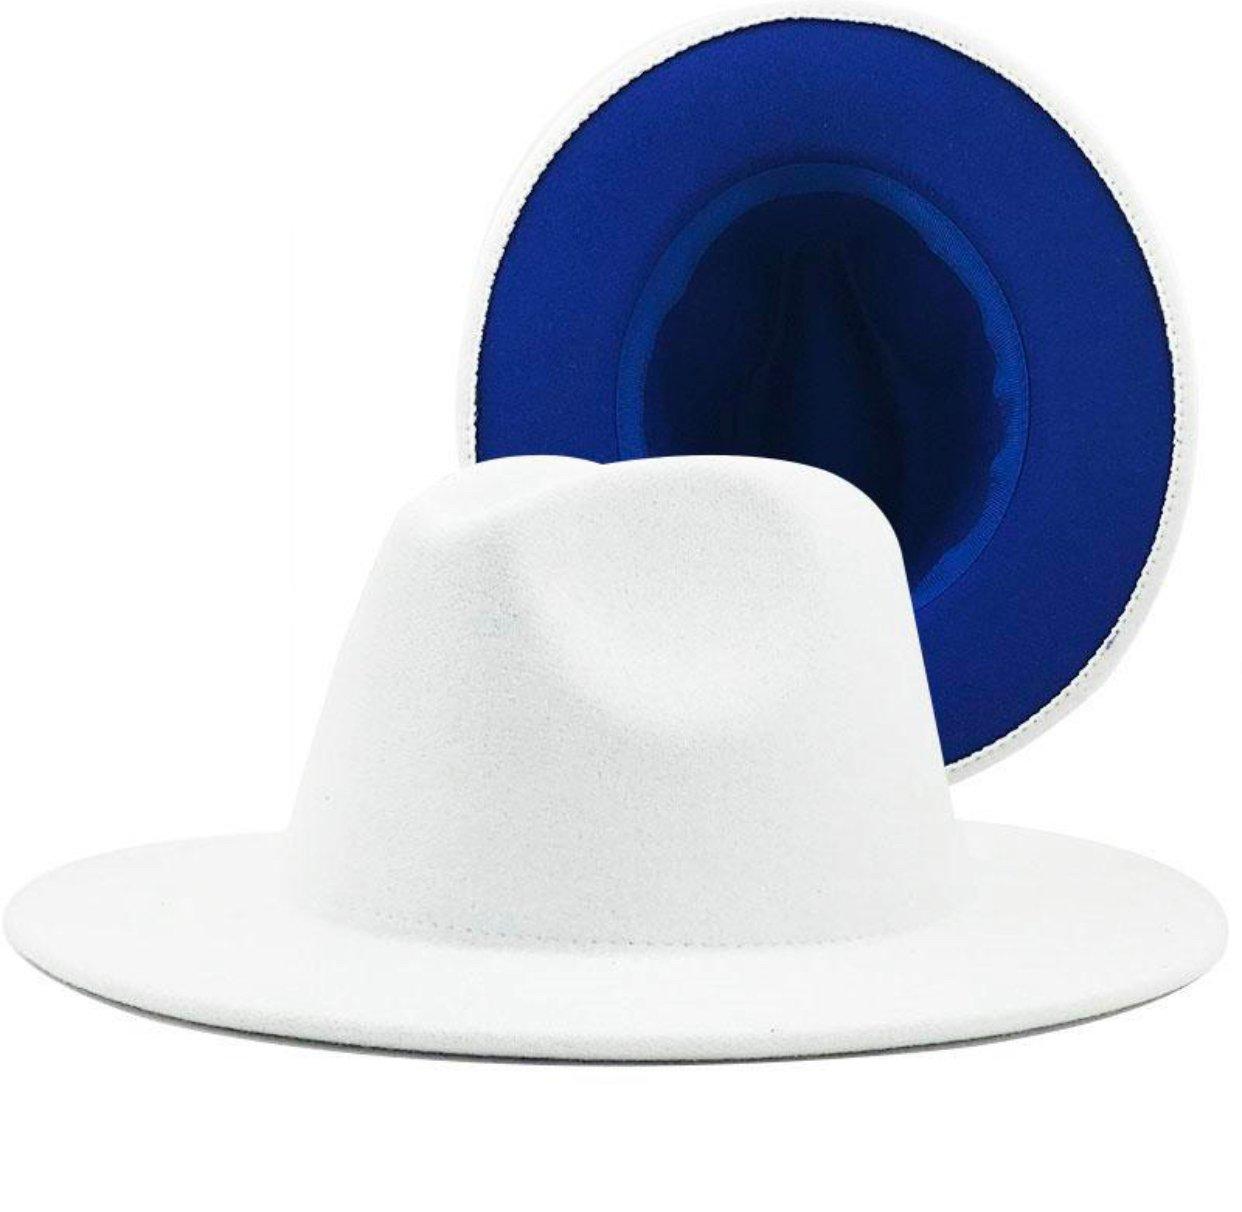 Image of White/ Royal Blue Fedora